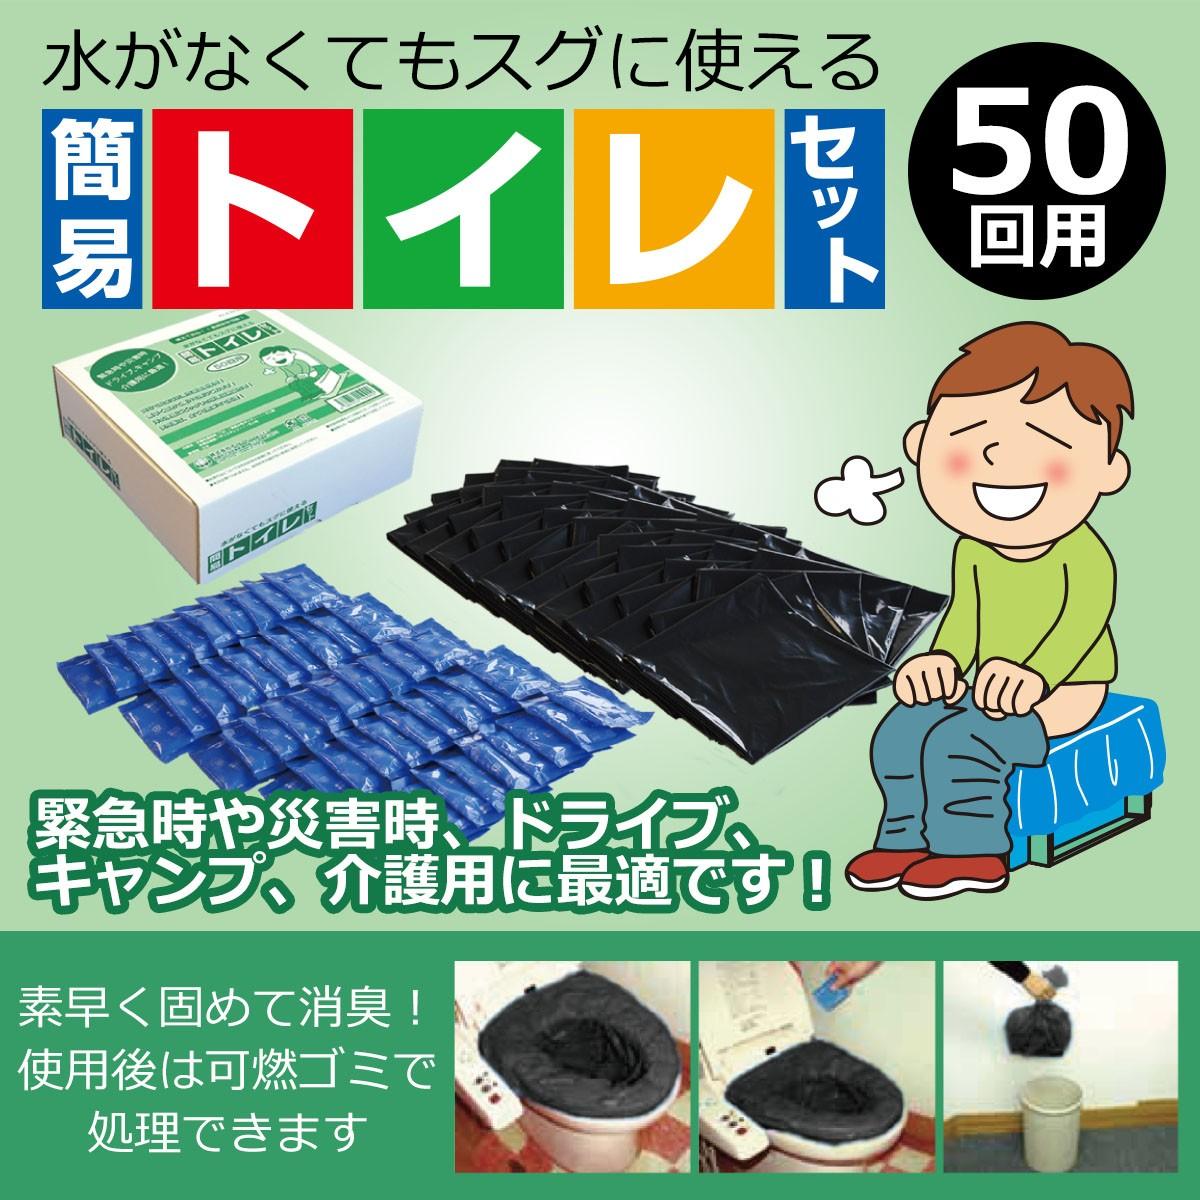 抗菌 簡易トイレ 洋式50回分  携帯トイレ  非常用トイレ 日本製 防災 災害 介護 防災グッズ